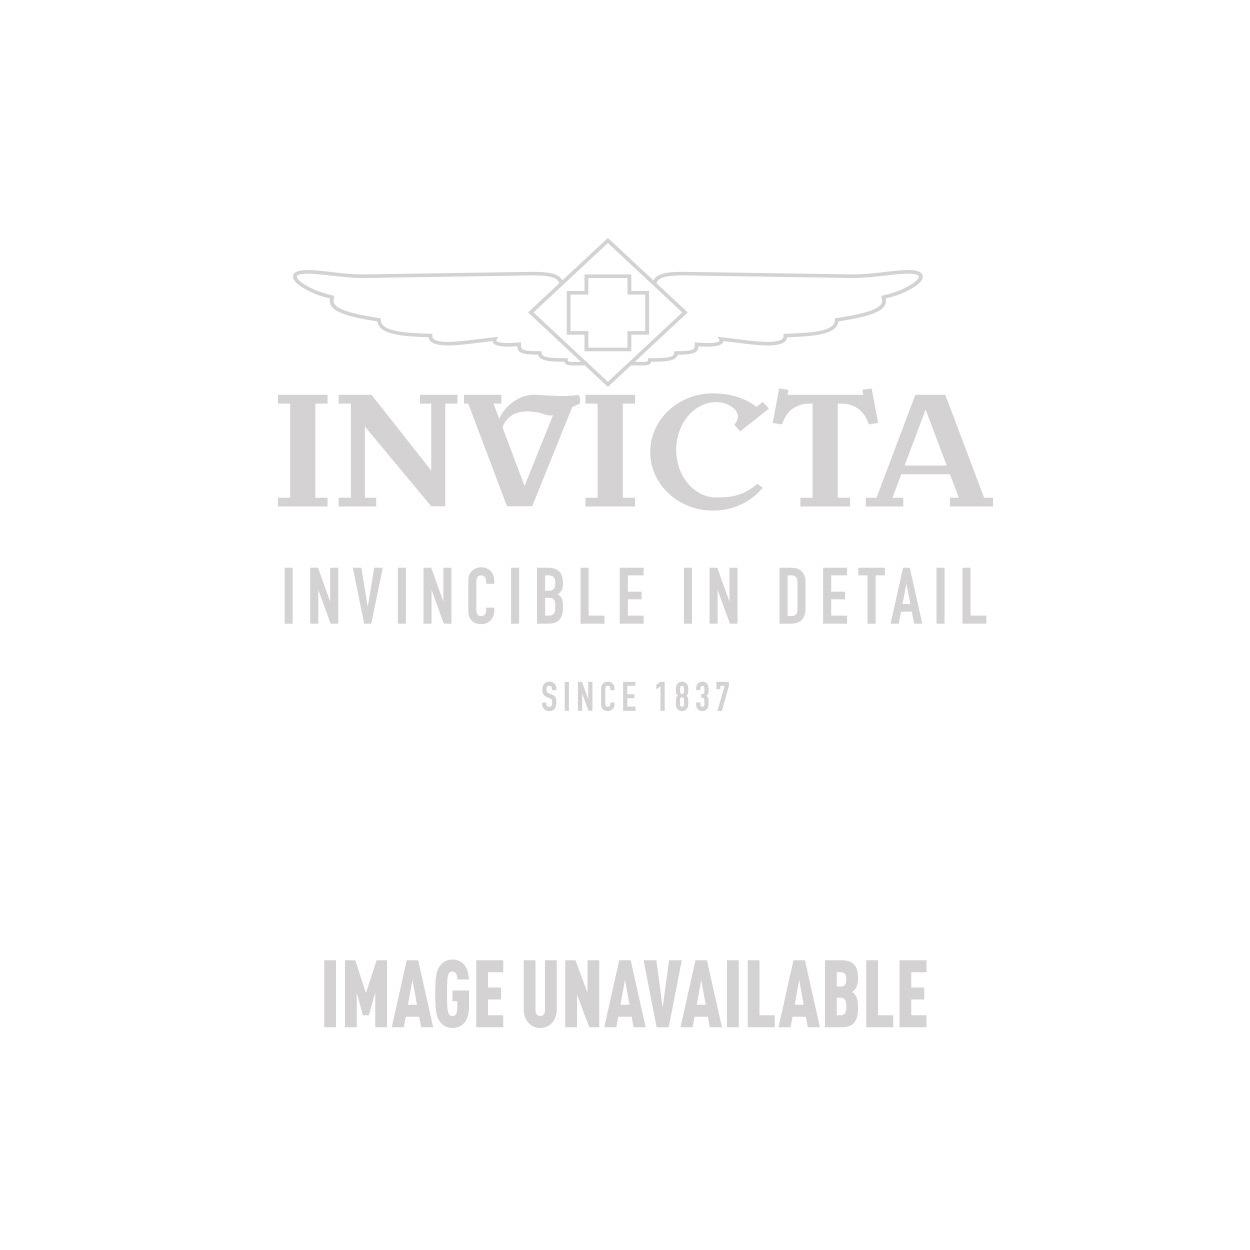 Invicta Model 28659